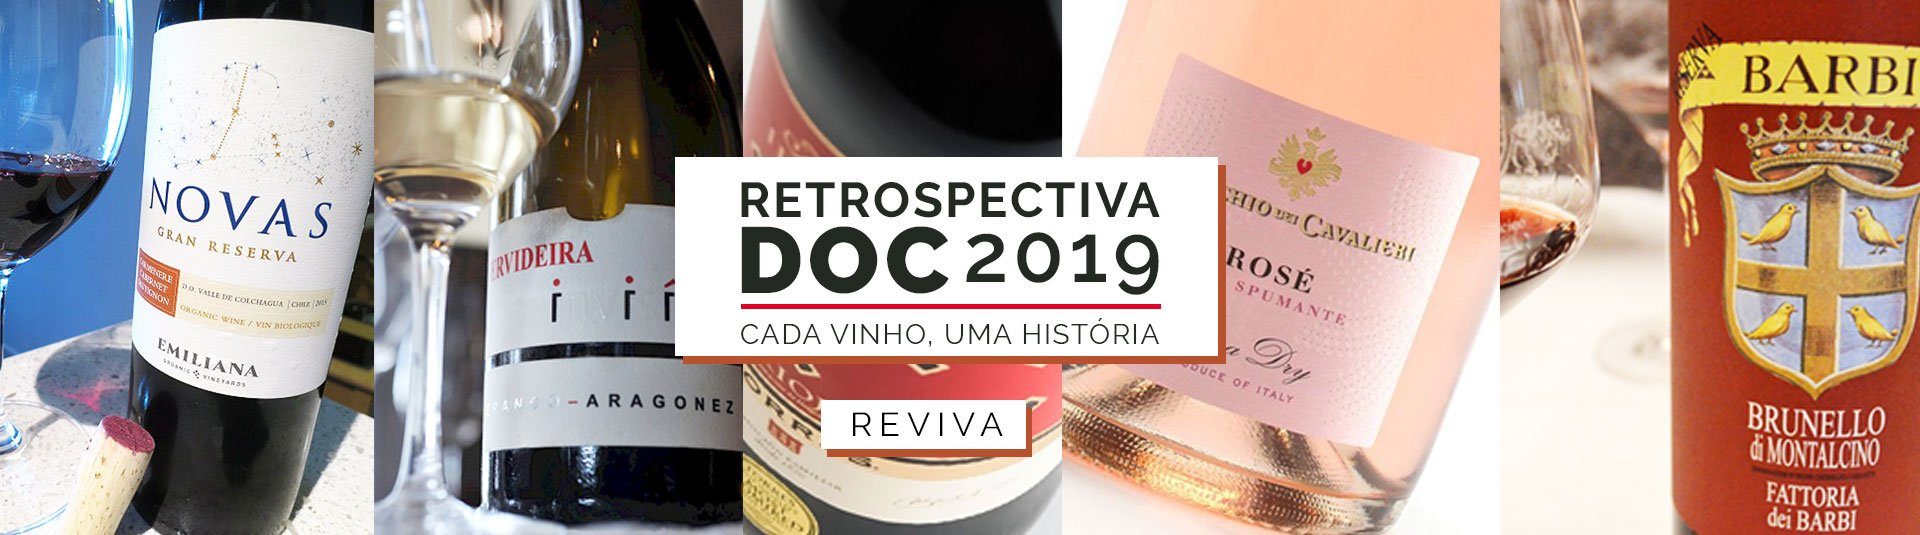 Retro DOC 2019